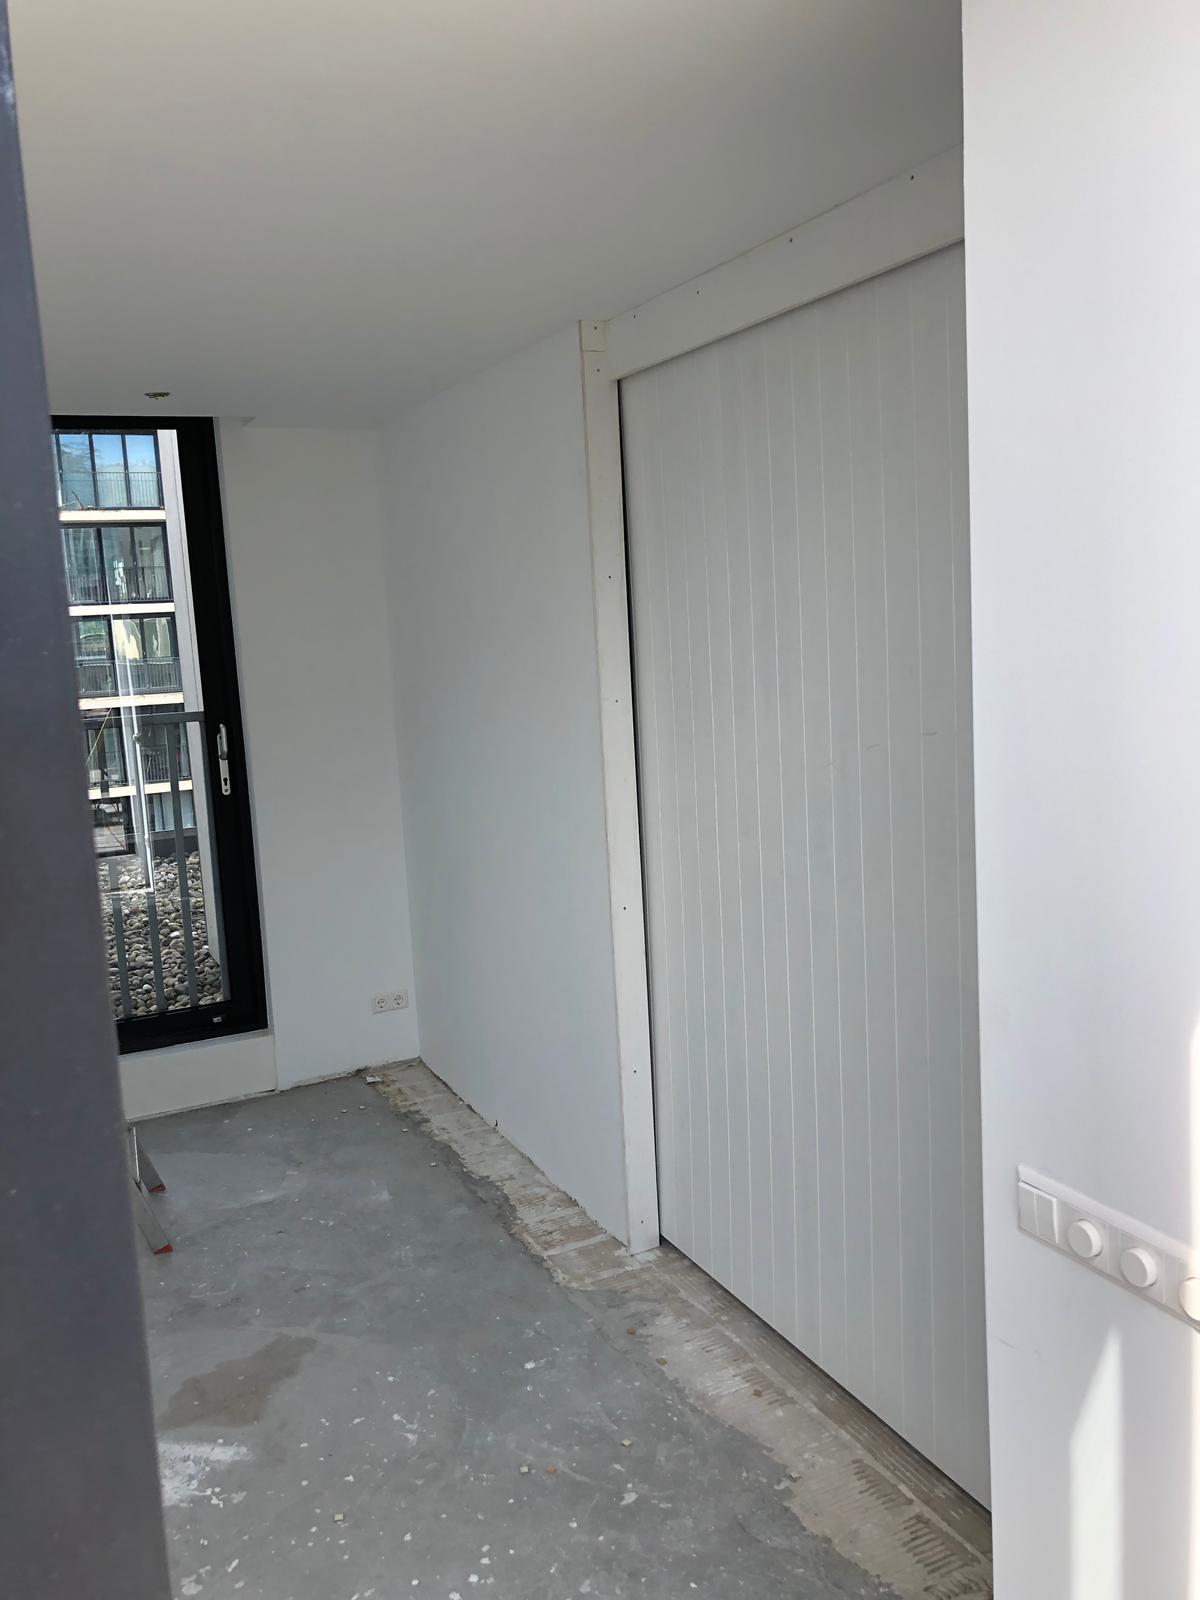 UFA Bouw_Dakuitbouw Westerdoksdijk_Dakopbouw interieur schuifdeur 2